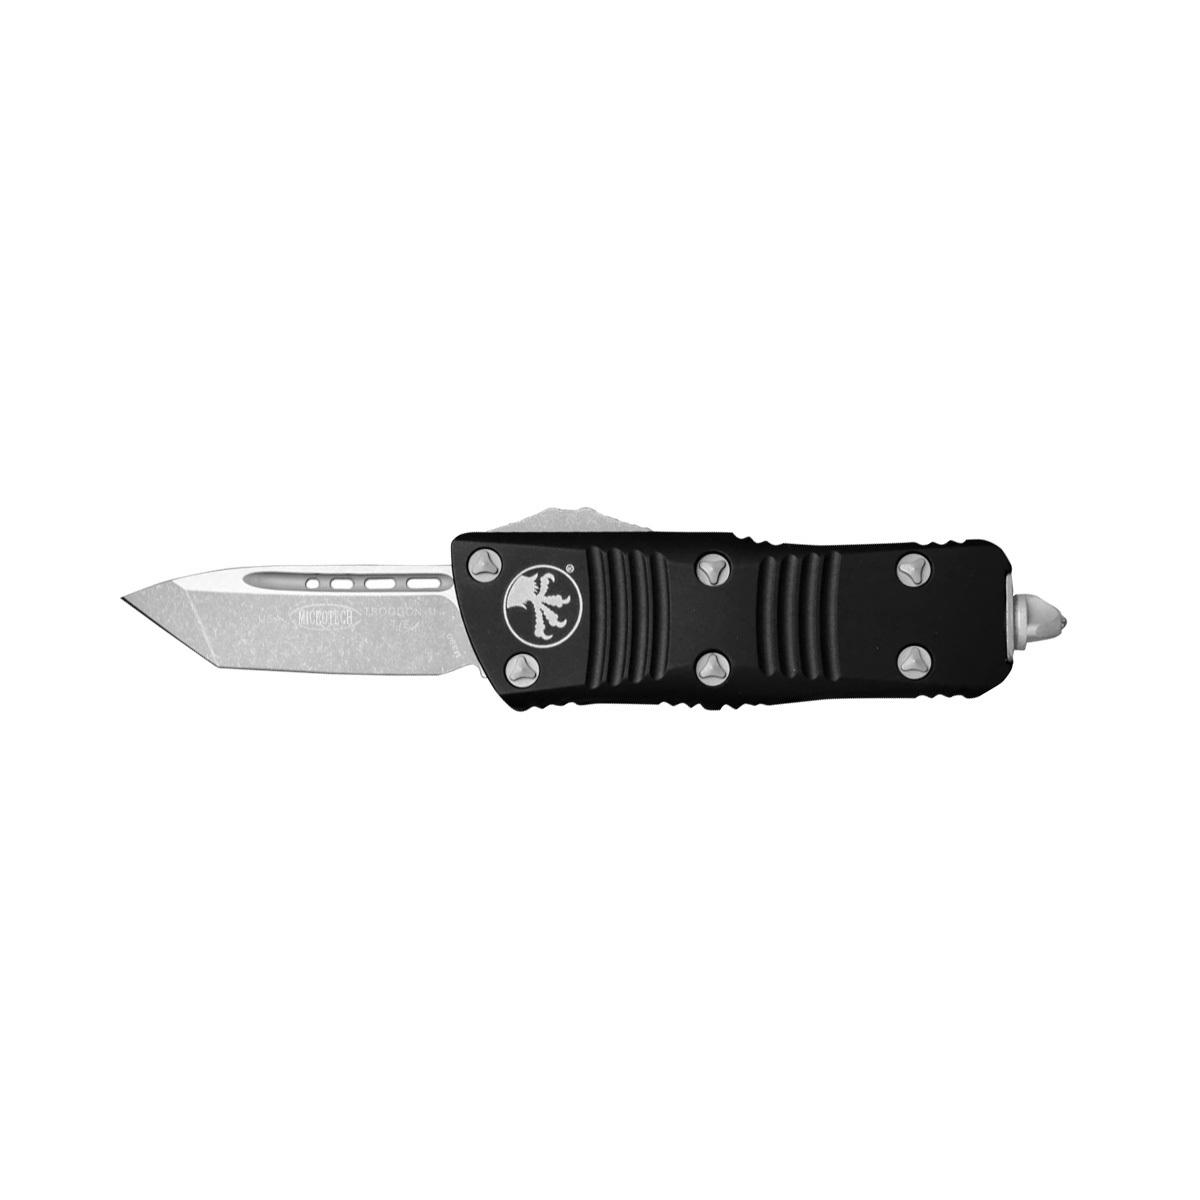 Автоматический фронтальный выкидной нож Microtech Mini Troodon 240-10, сталь CTS-204P, рукоять черный алюминий